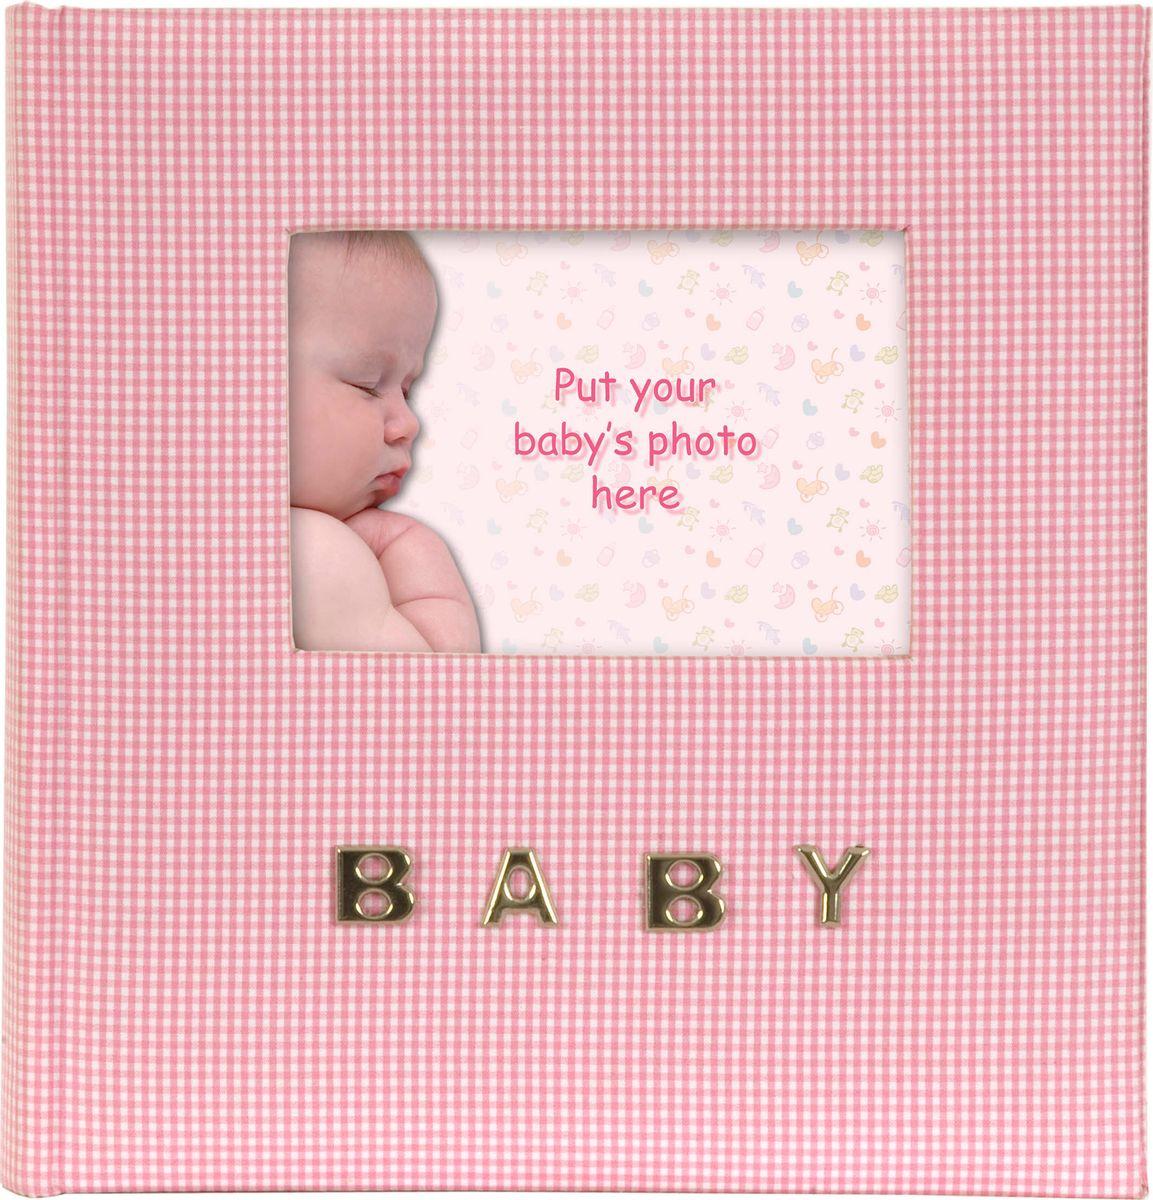 Фотоальбом Innova Baby Gingham, цвет: розовый, 100 фотографий, 10 x 15 см. Q9306337 фотоальбом pioneer man style 100 фотографий цвет темно зеленый хаки 10 x 15 см